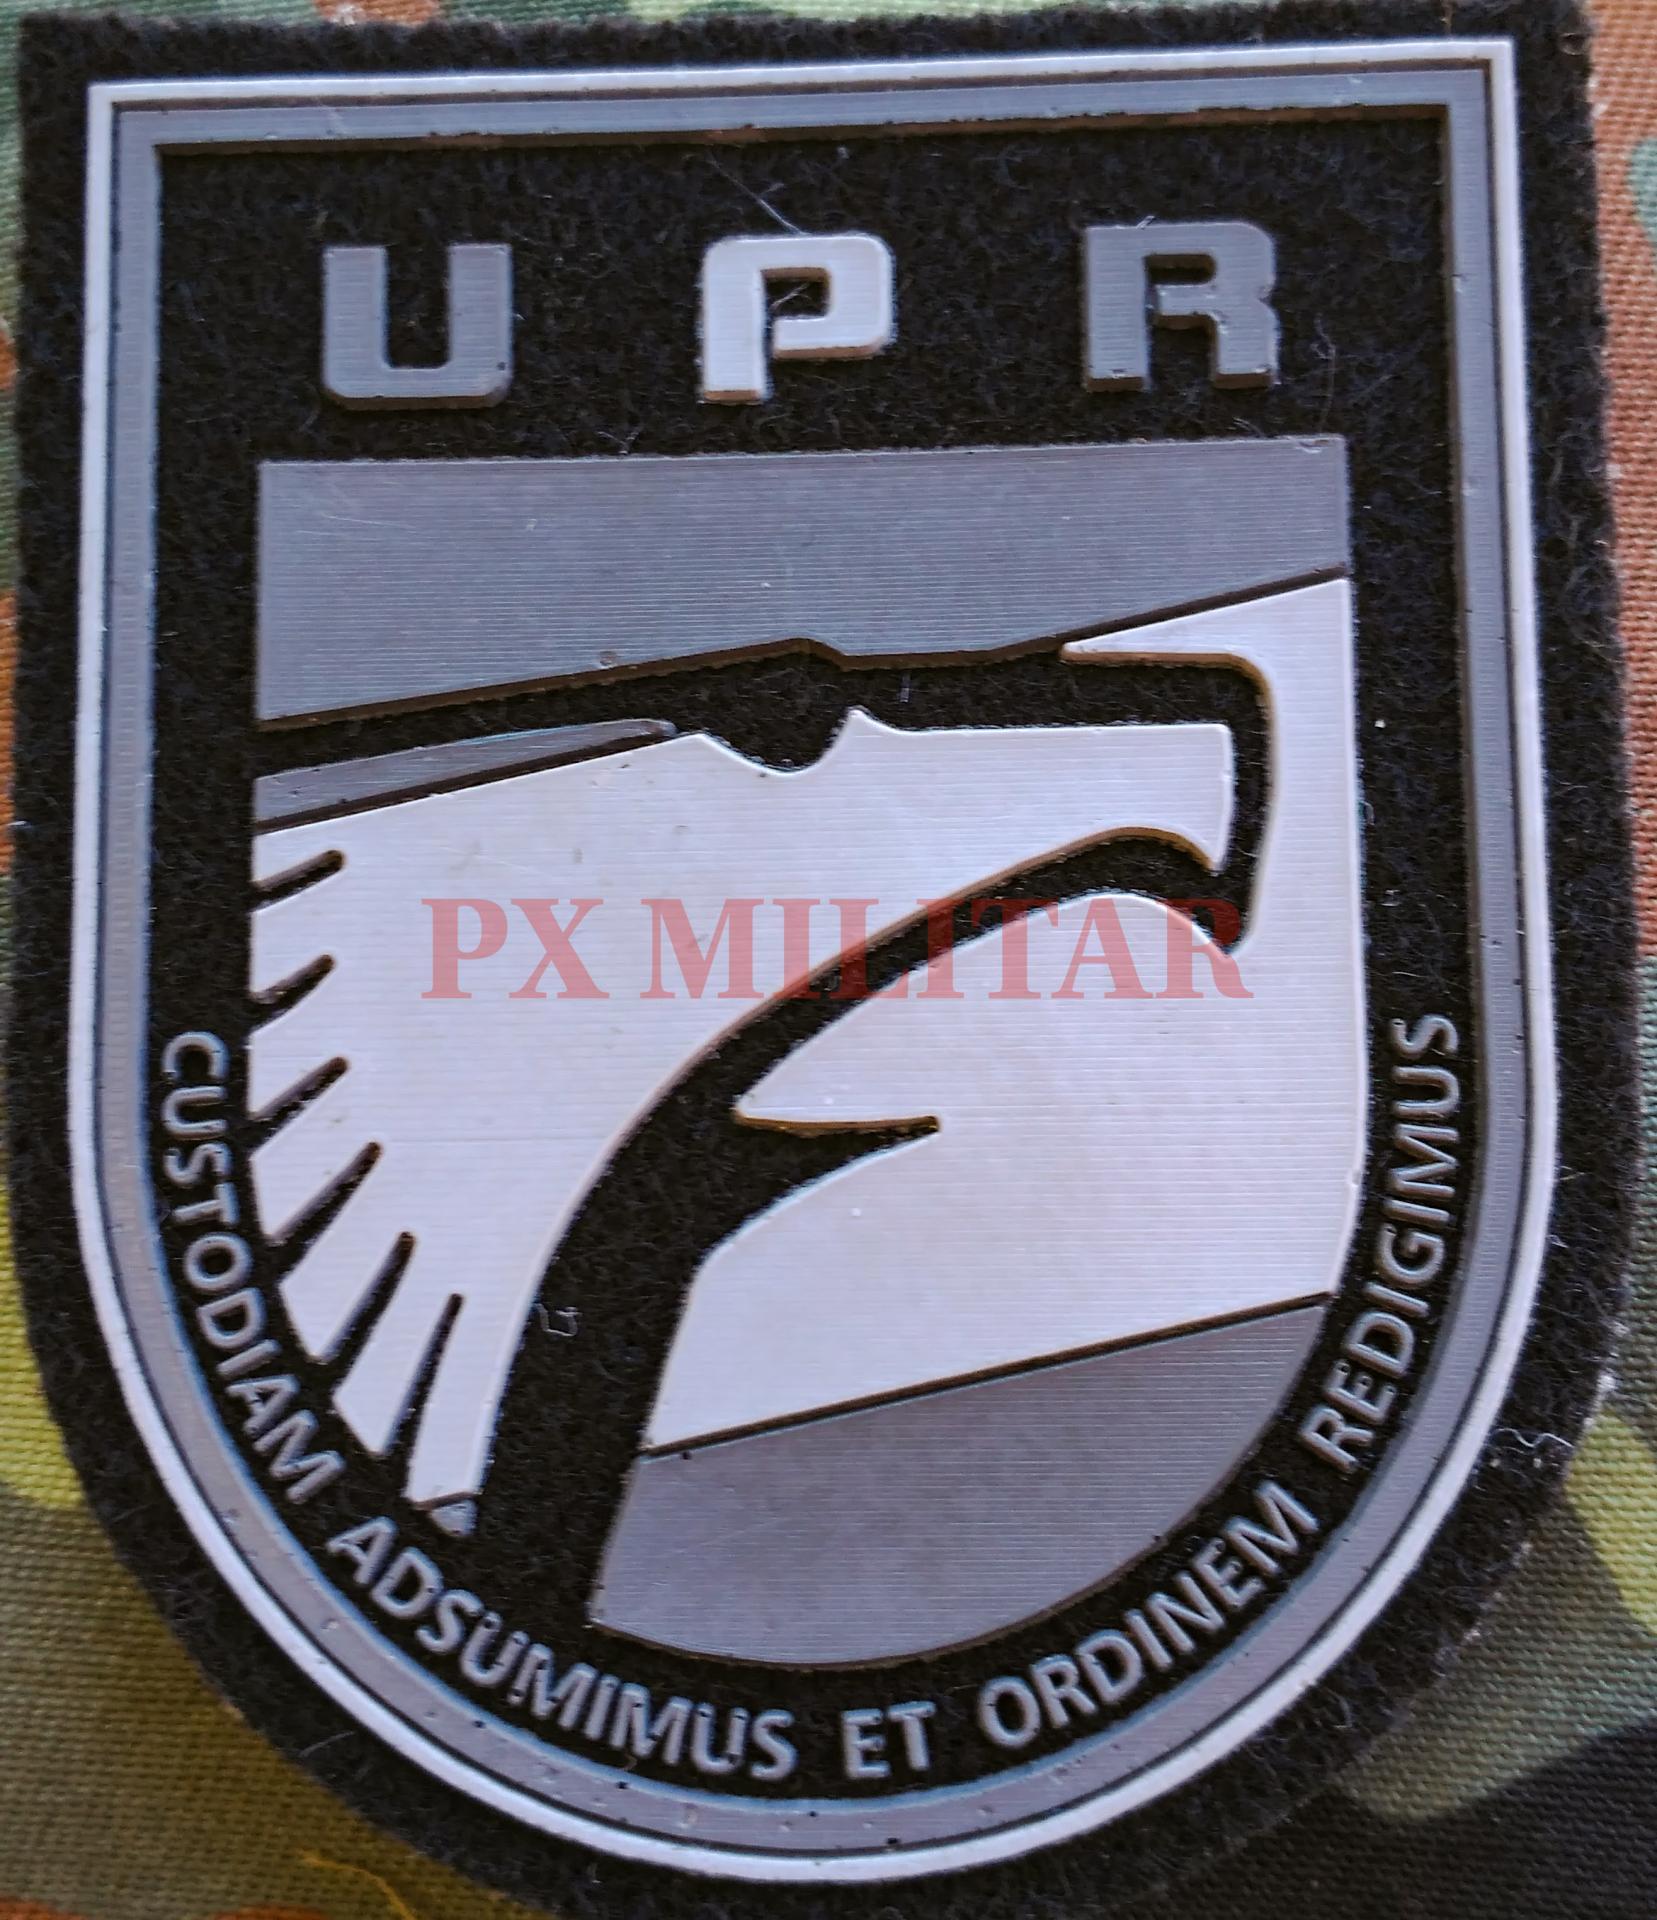 parche-brazo-cuerpo-nacional-polica-upr-baja-visibilidad